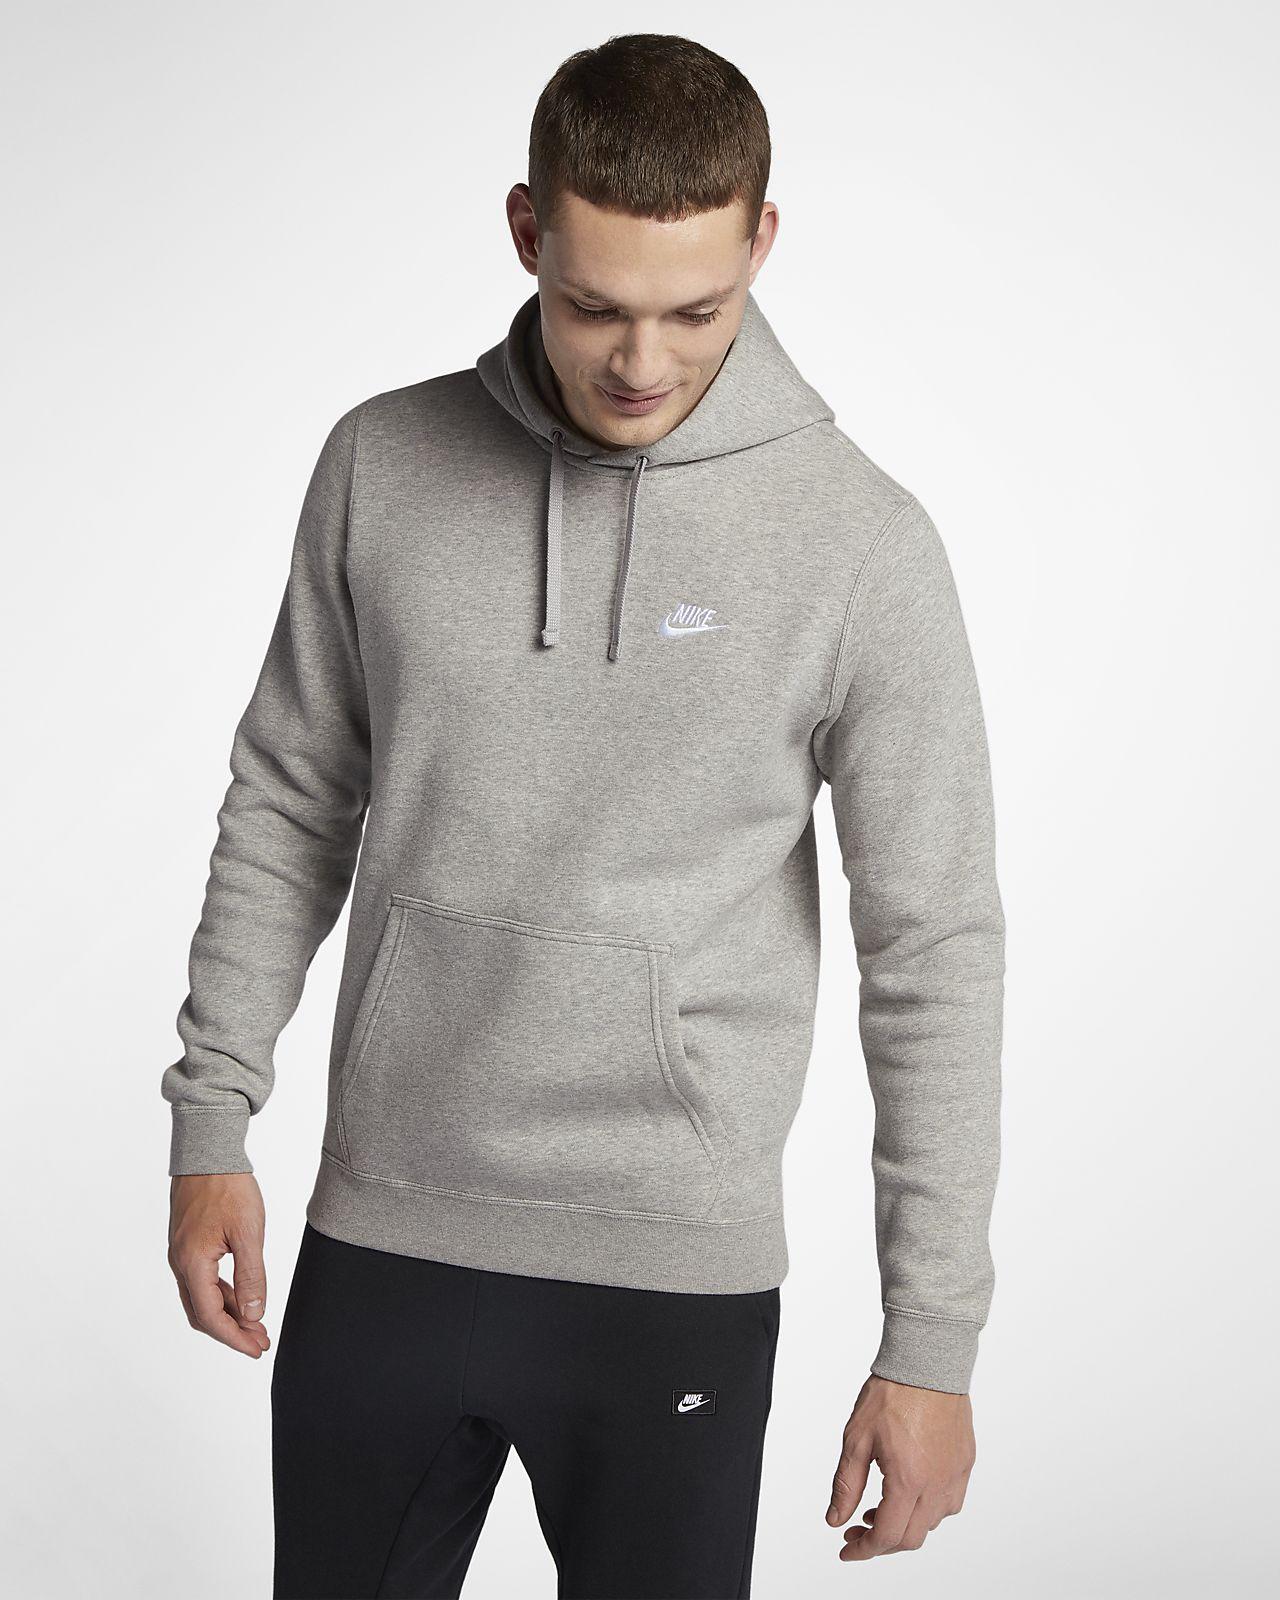 29f79ead5 Nike Sportswear Pullover Hoodie. Nike.com SE